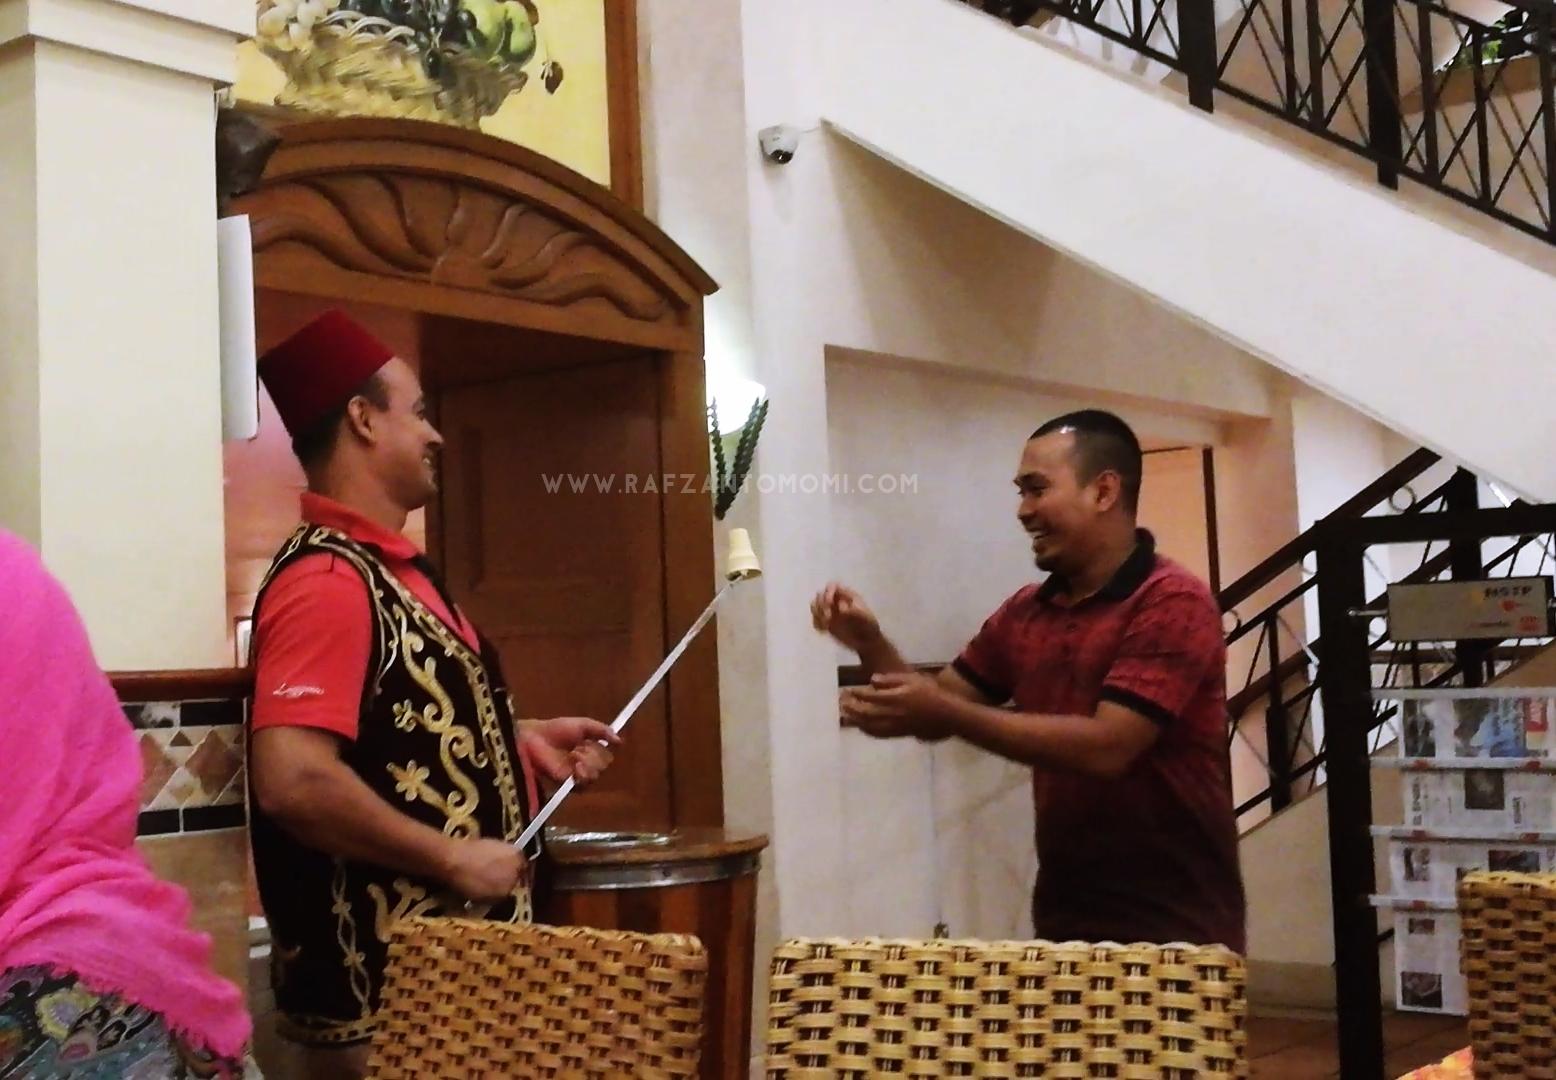 Buffet Ramadhan 2018 - Berbuka Puasa Citarasa Ramadan Di Dorsett Grand Subang